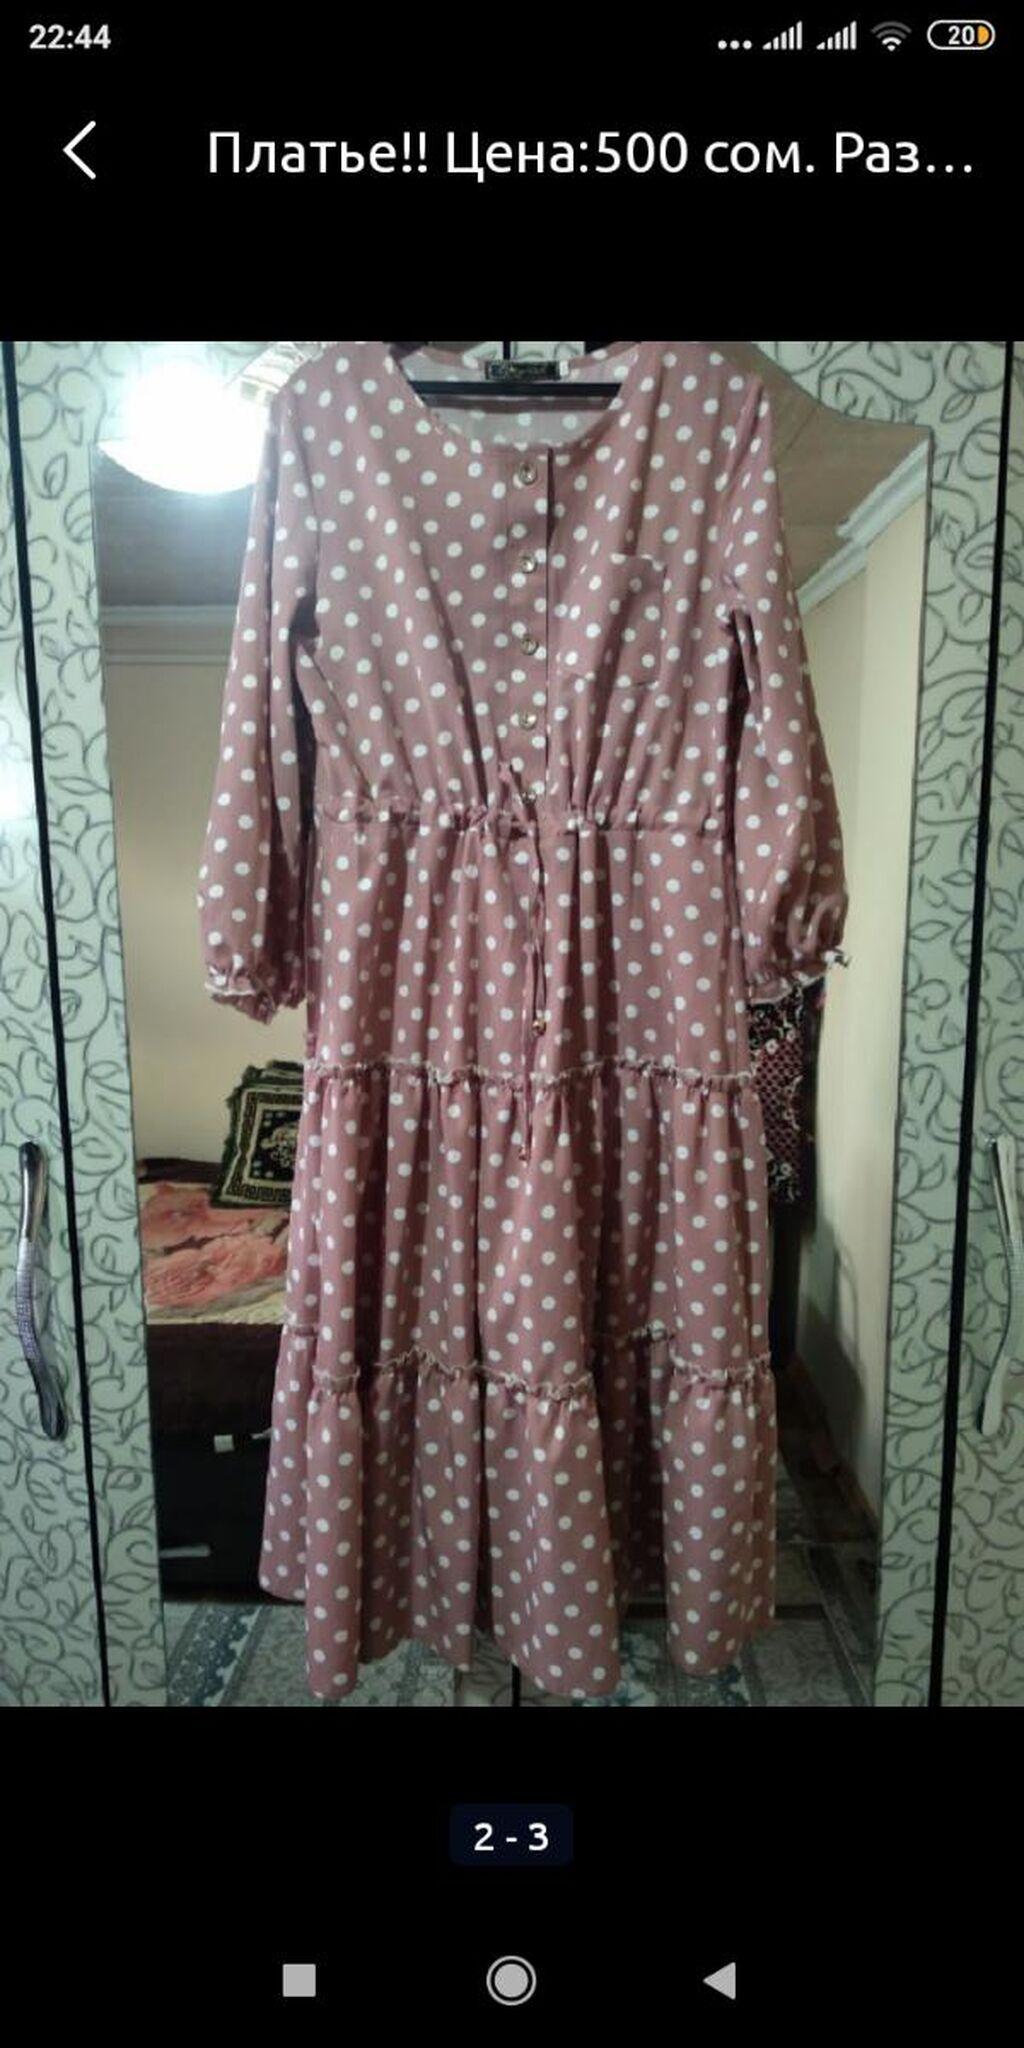 Платье! Размер 48. 500 сом